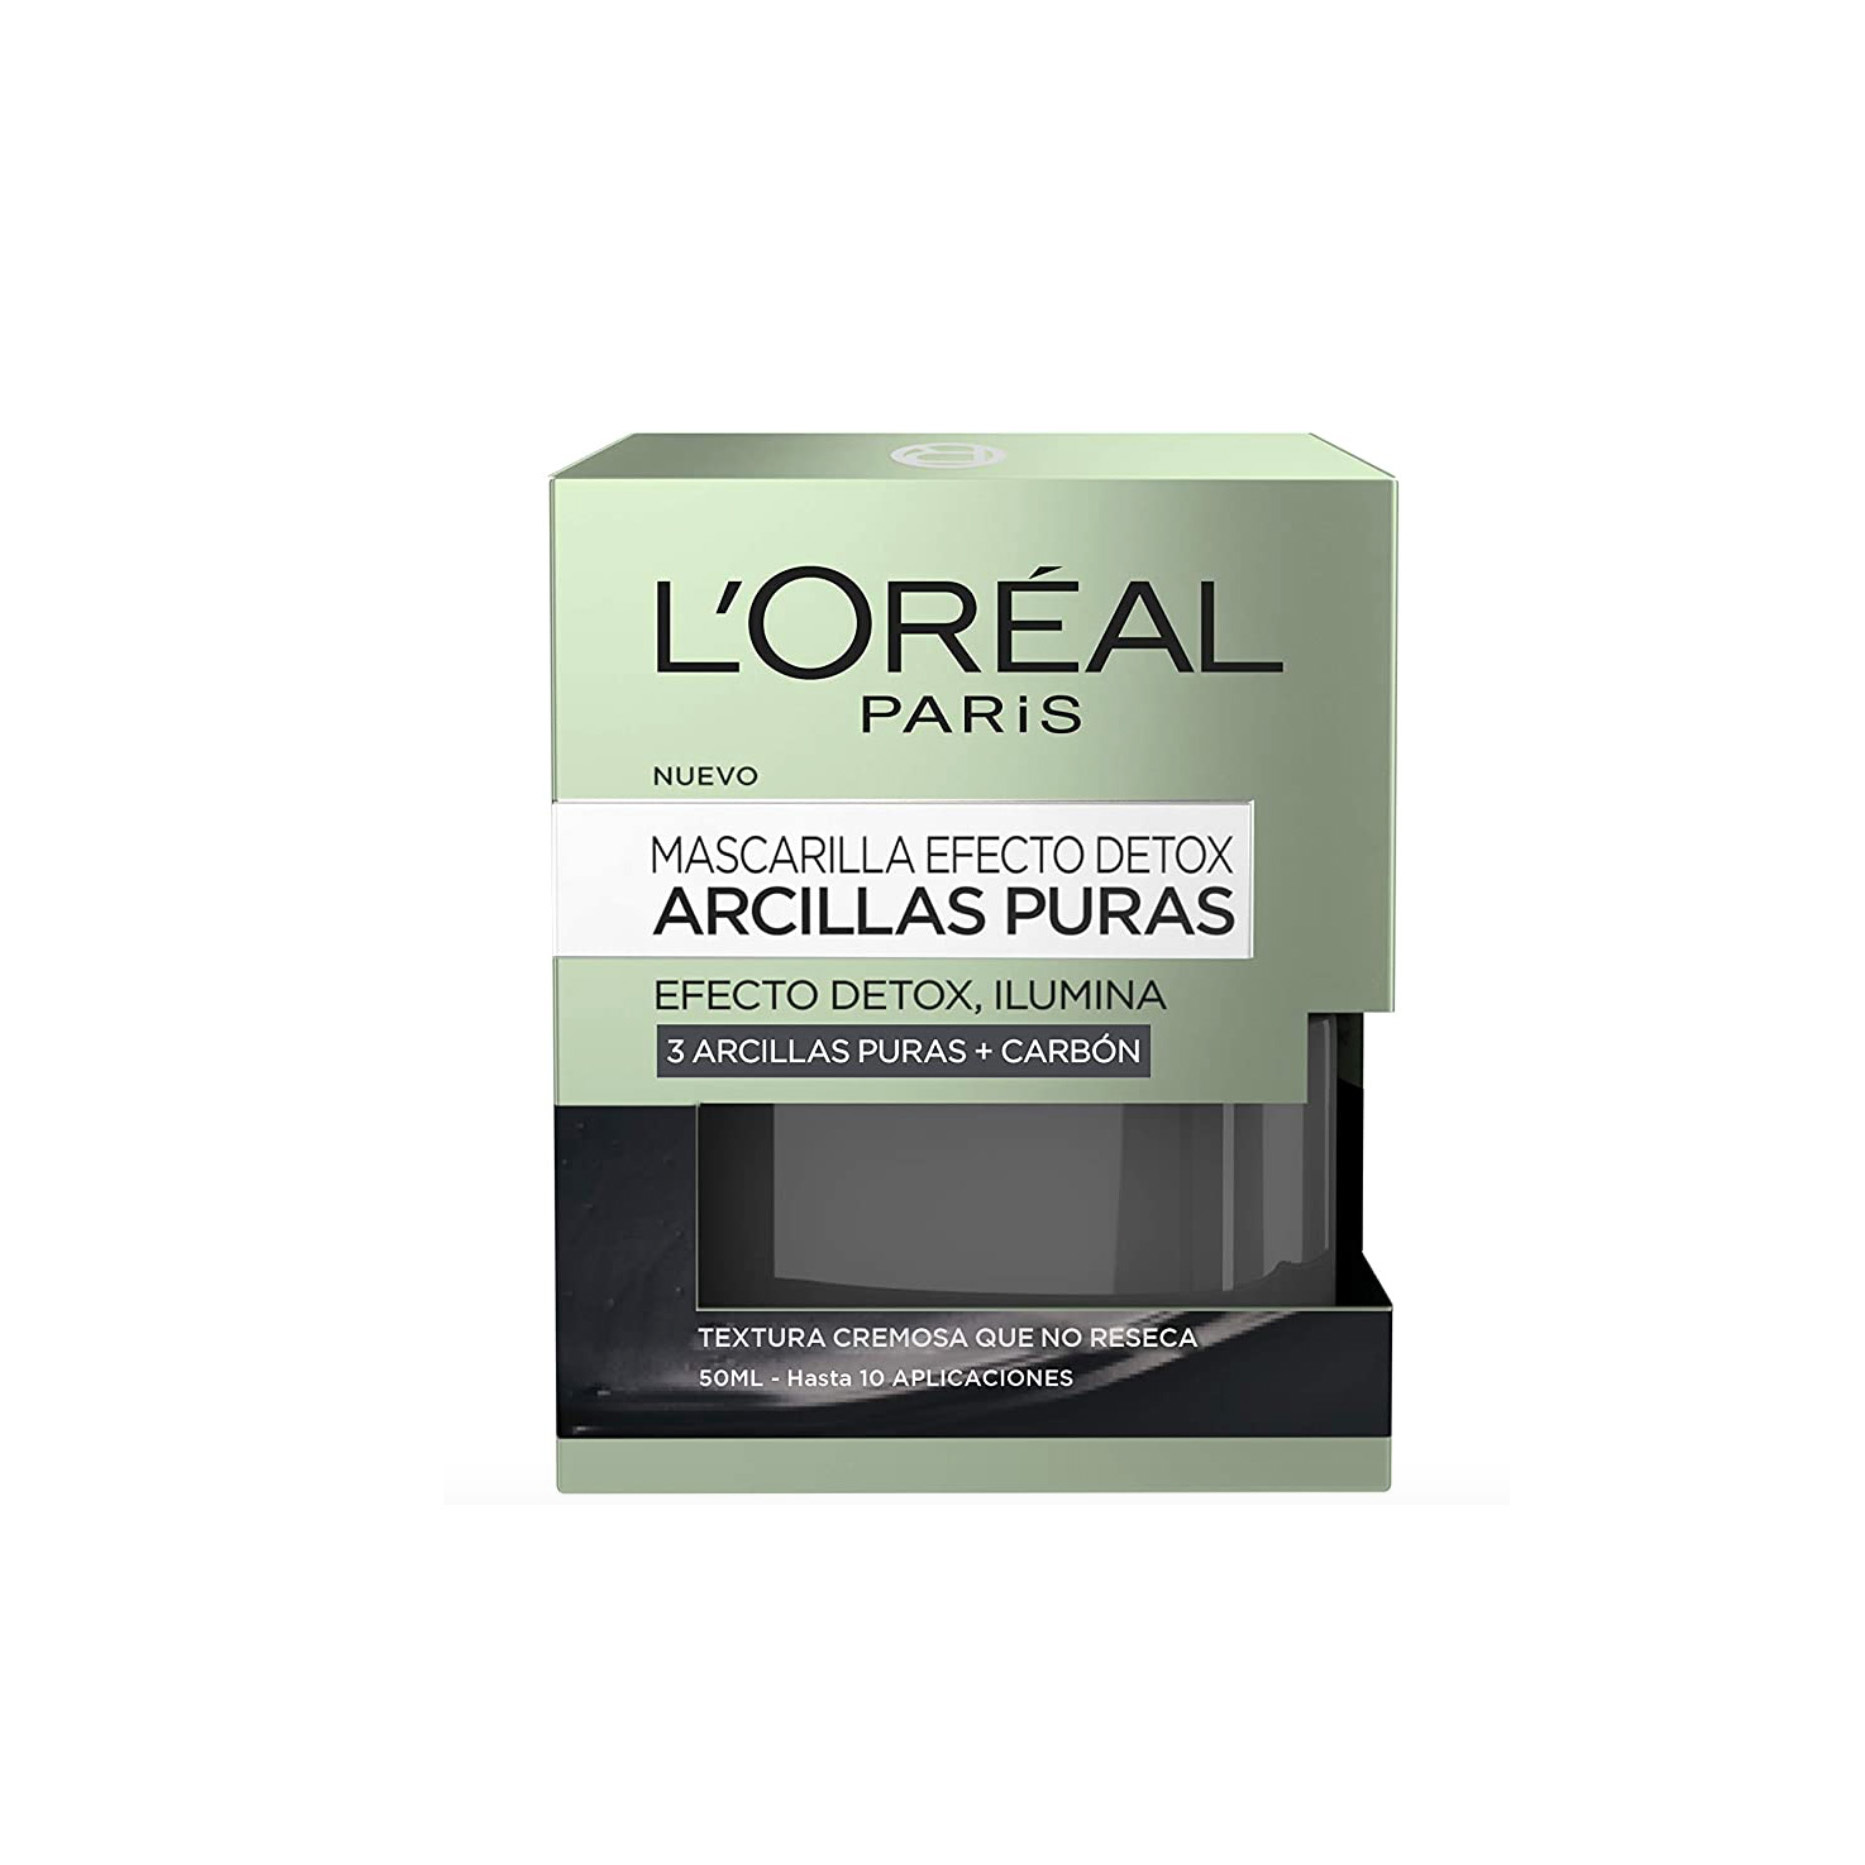 Mascarilla Efecto Detox Arcillas Puras, de L' Oréal Paris